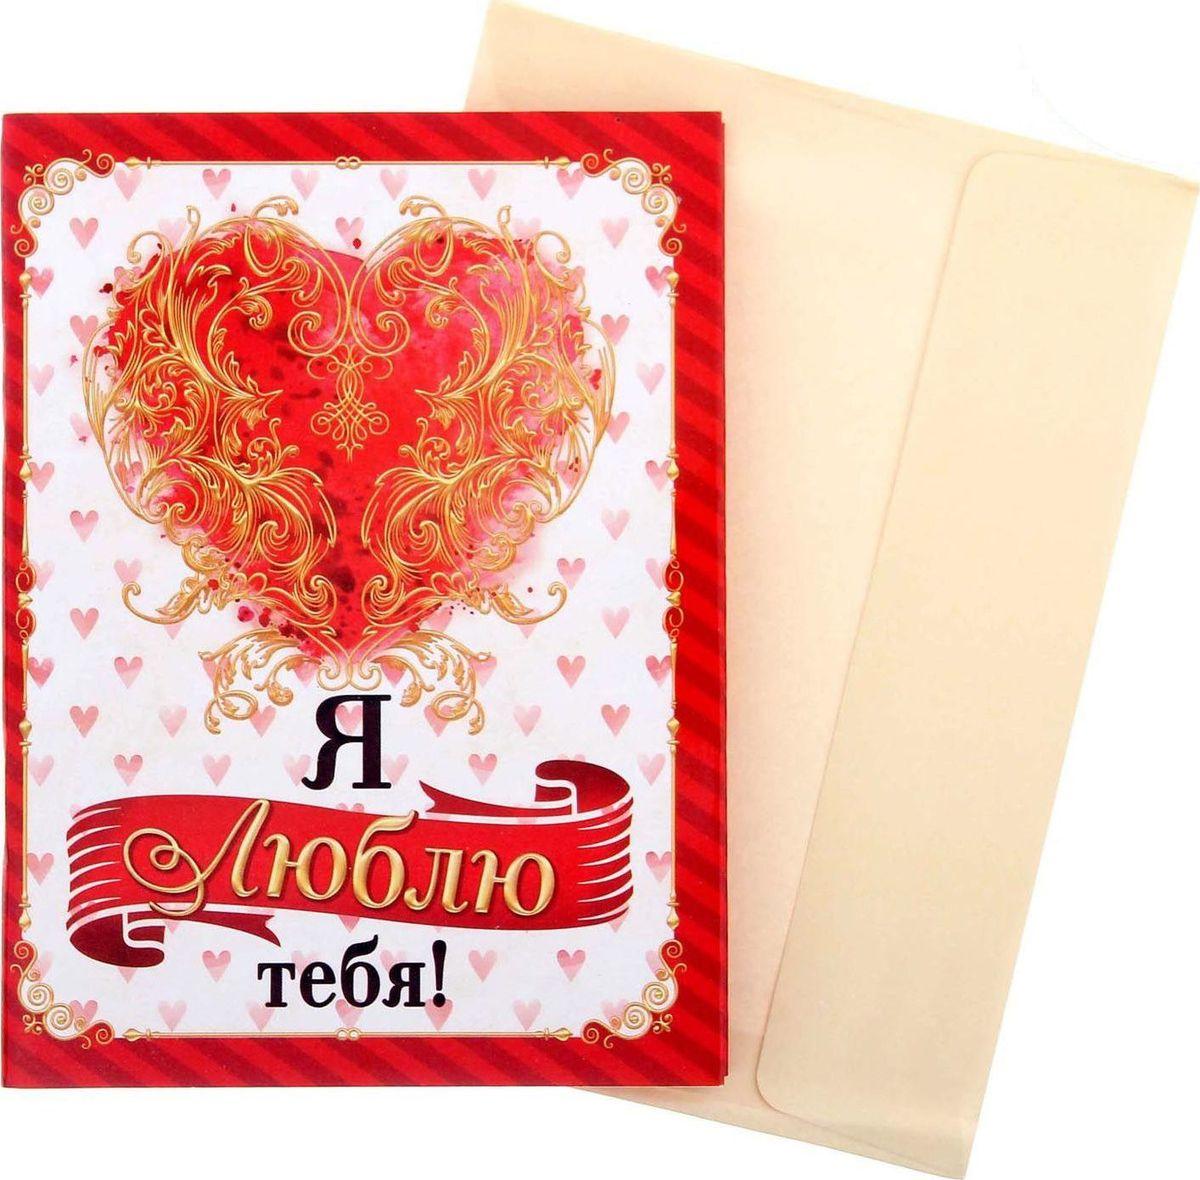 Блокнот-открытка Я люблю тебя 32 листа1104976Блокнот-открытка Я люблю тебя! сочетает в себе красоту и практичность. Он содержит приятные пожелания от близких людей, а 32 дизайнерских листа с бархатной фактурой подарят отличное настроение владельцу. В отличие от обычной открытки, которая будет пылиться в шкафу, блокнотом приятно пользоваться! Изделие дополнено универсальным конвертом, подпишите его и вручите сувенир адресату на любой праздник.